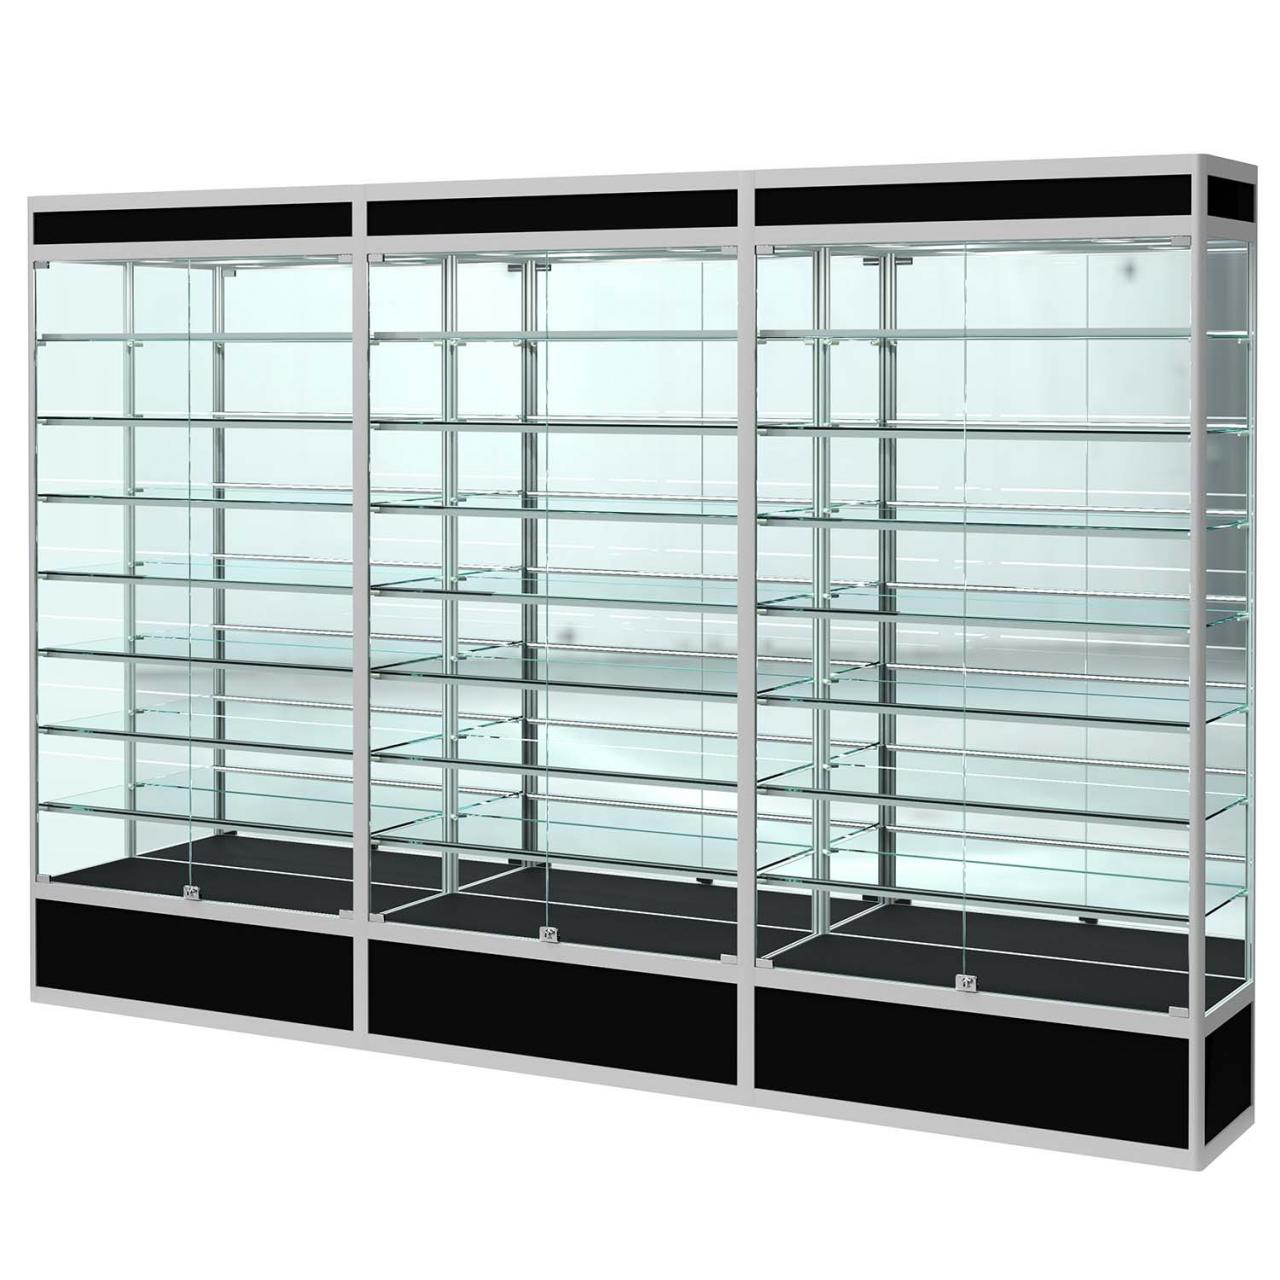 Табачная витрина ВПКД-300.40Т